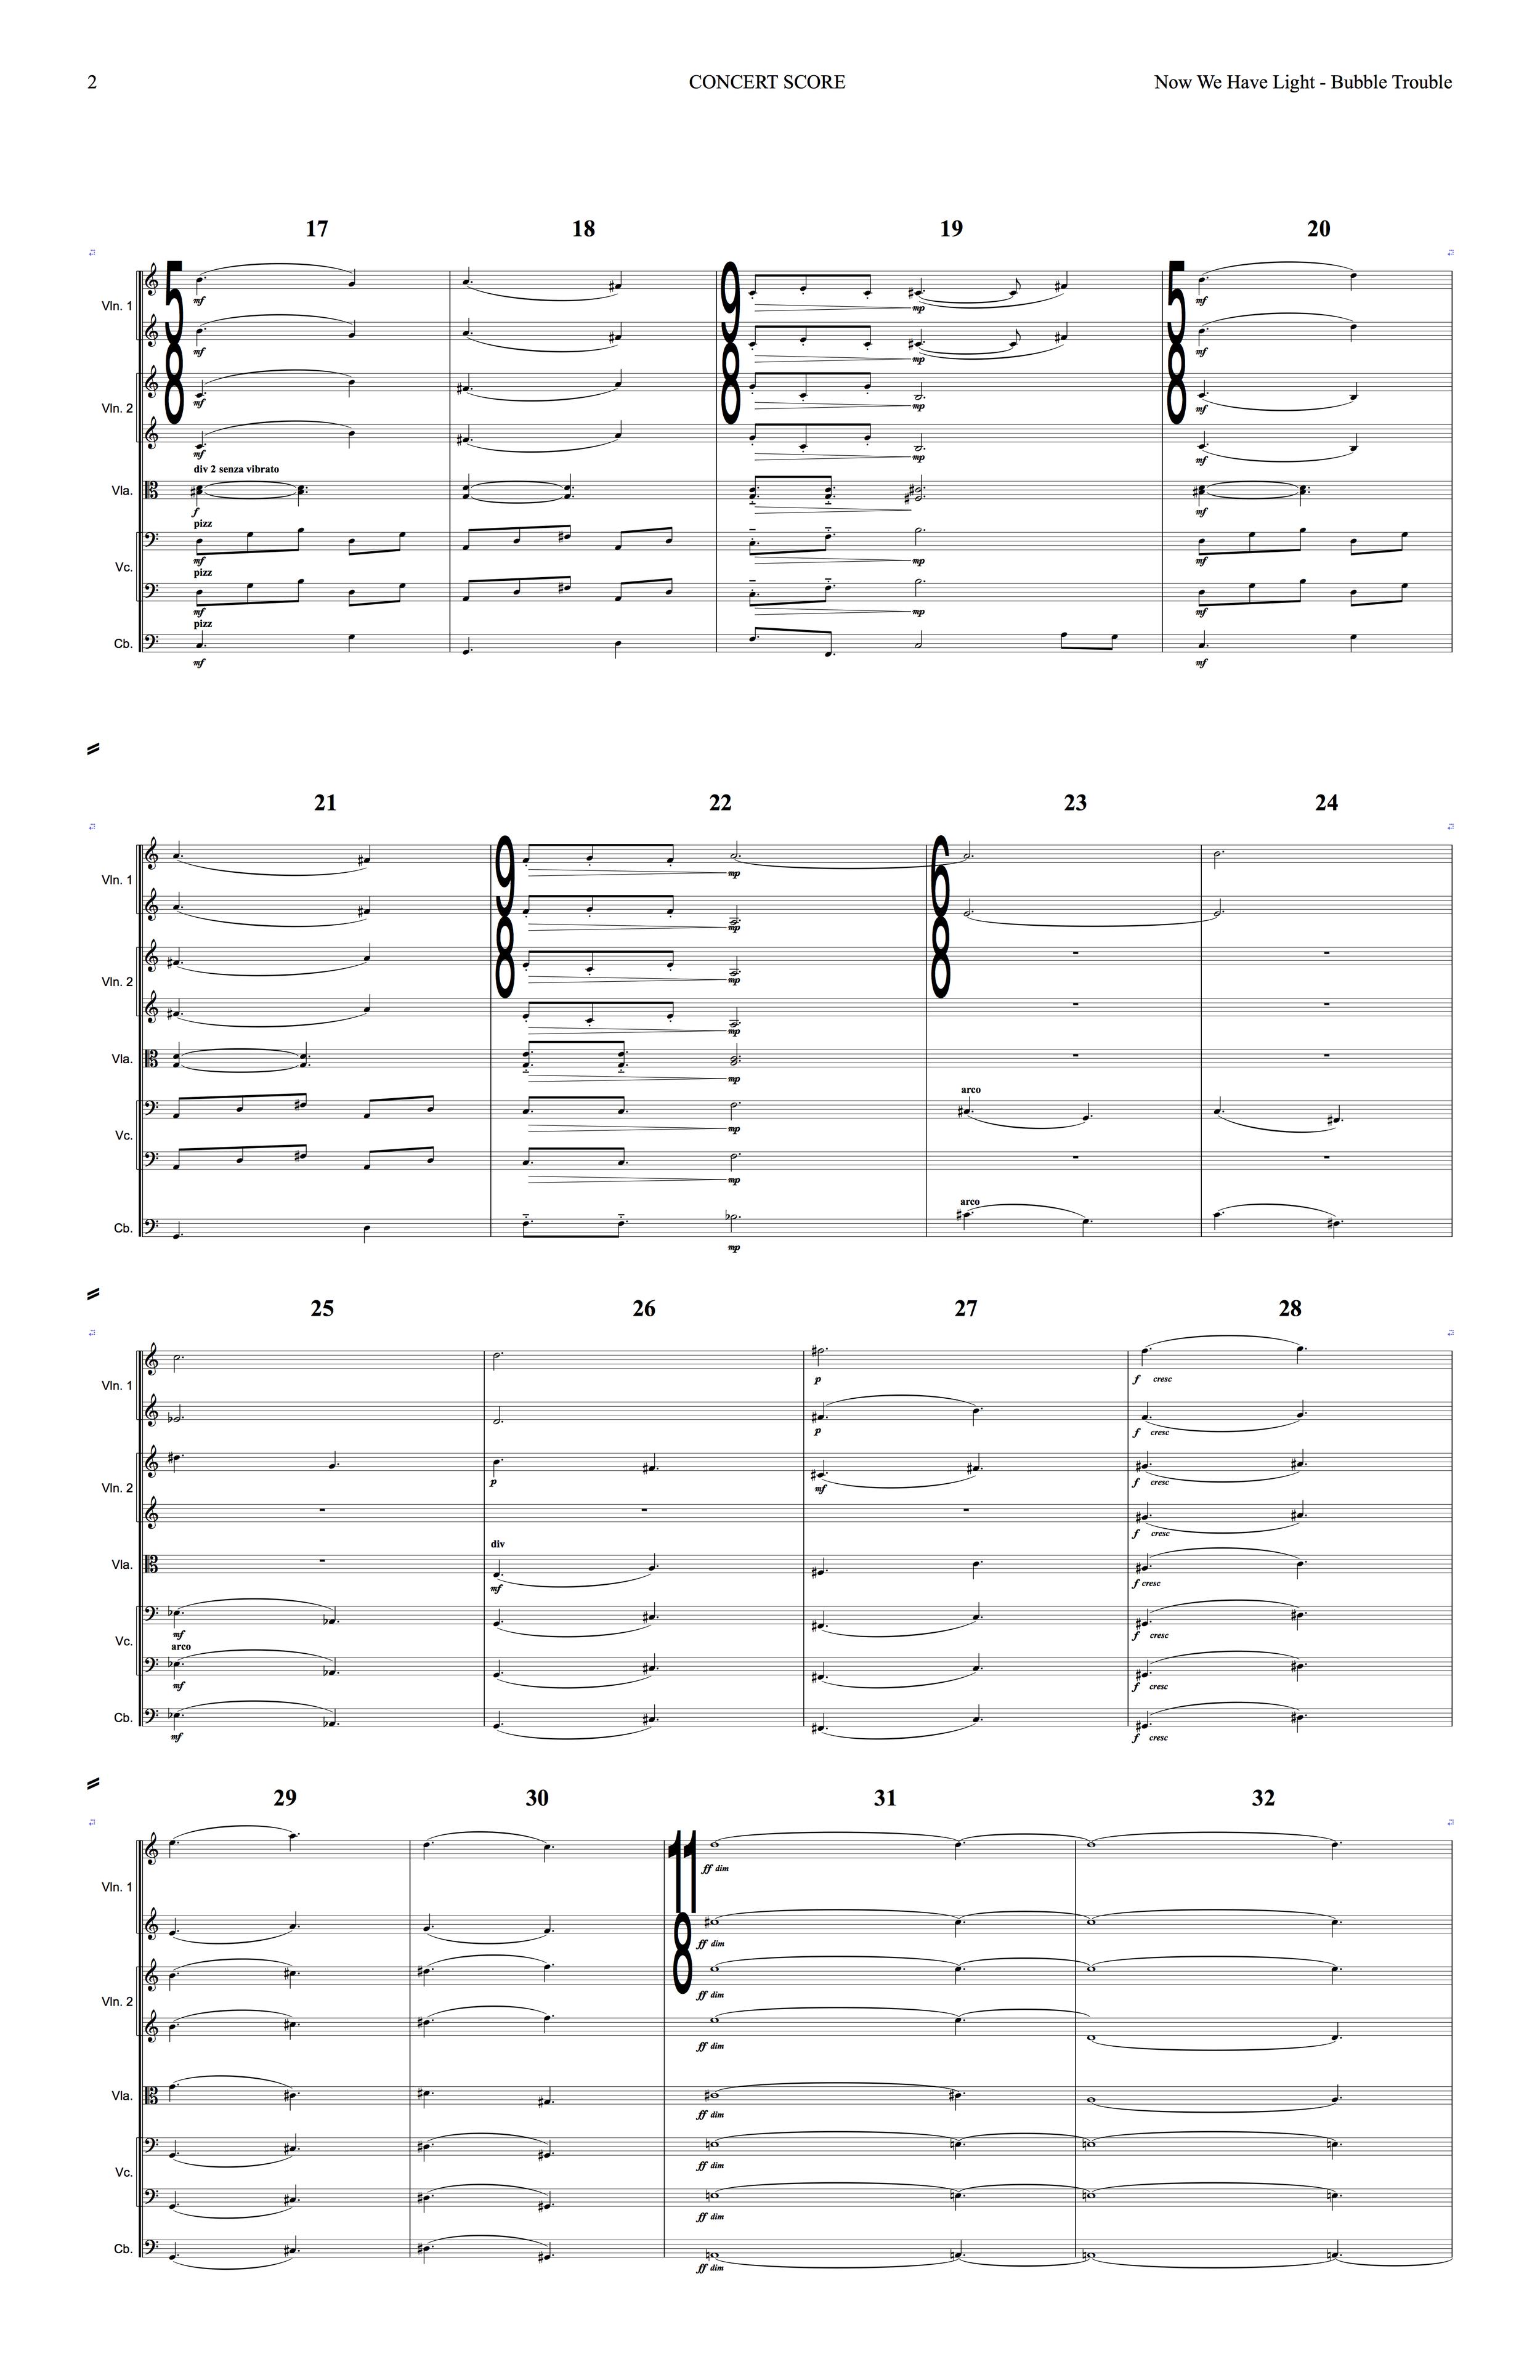 Sanguine Hum - 'Bubble Trouble' - string arrangement page 2